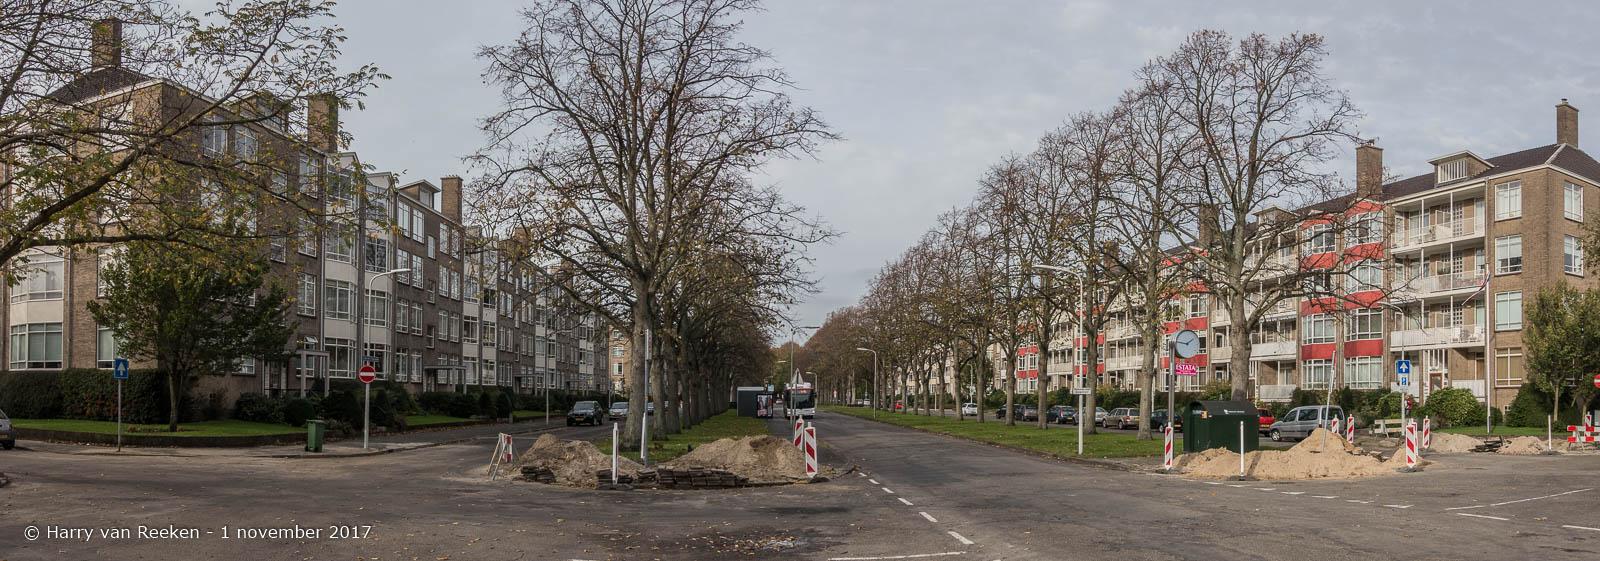 Laan van Clingendael - Benoordenhout-2-Pano